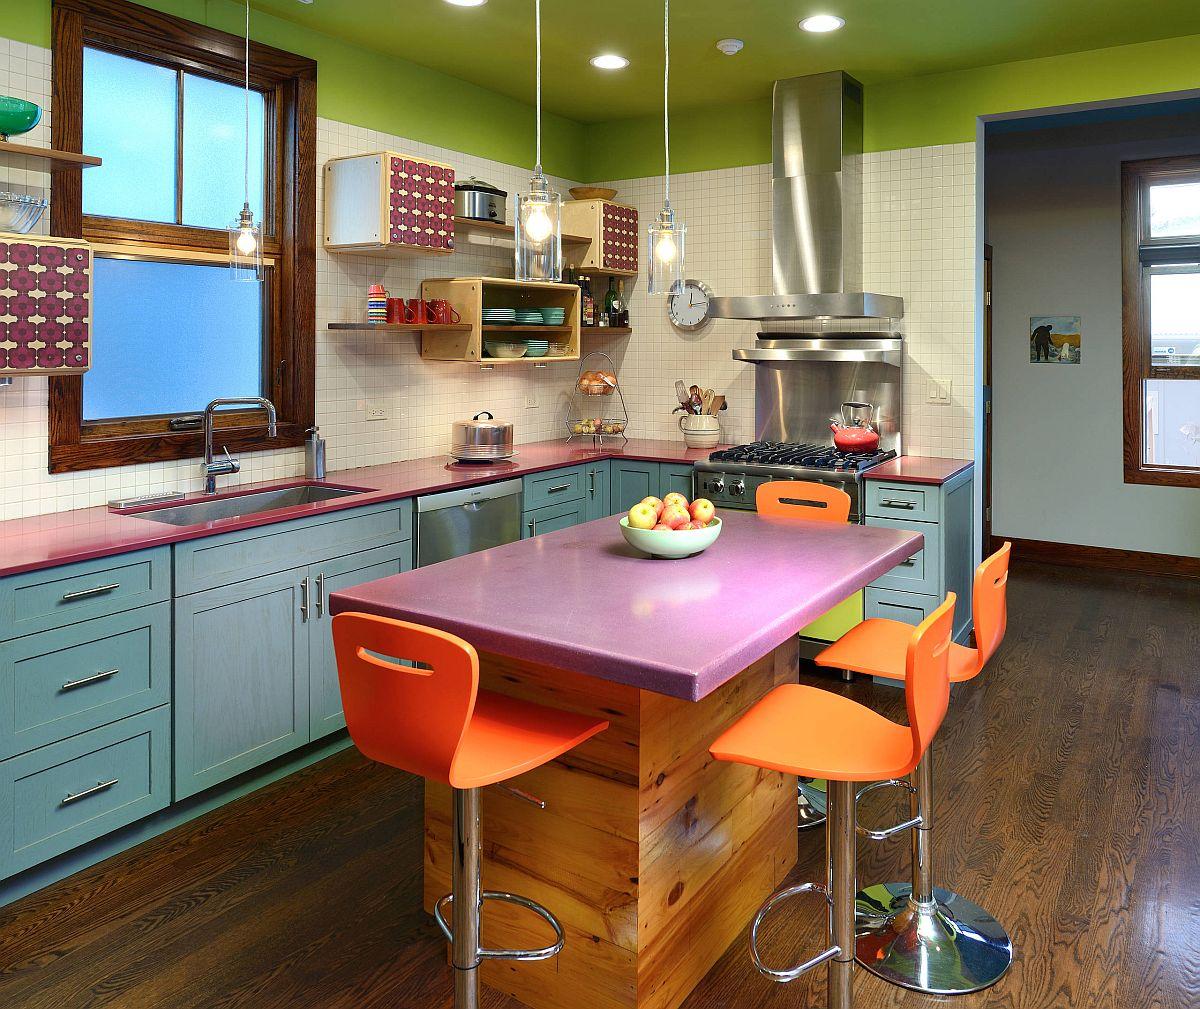 Khéo léo và tinh tế một chút, bạn hoàn toàn có thể sử dụng bảng màu đa dạng cho không gian nấu nướng diện tích khiêm tốn.